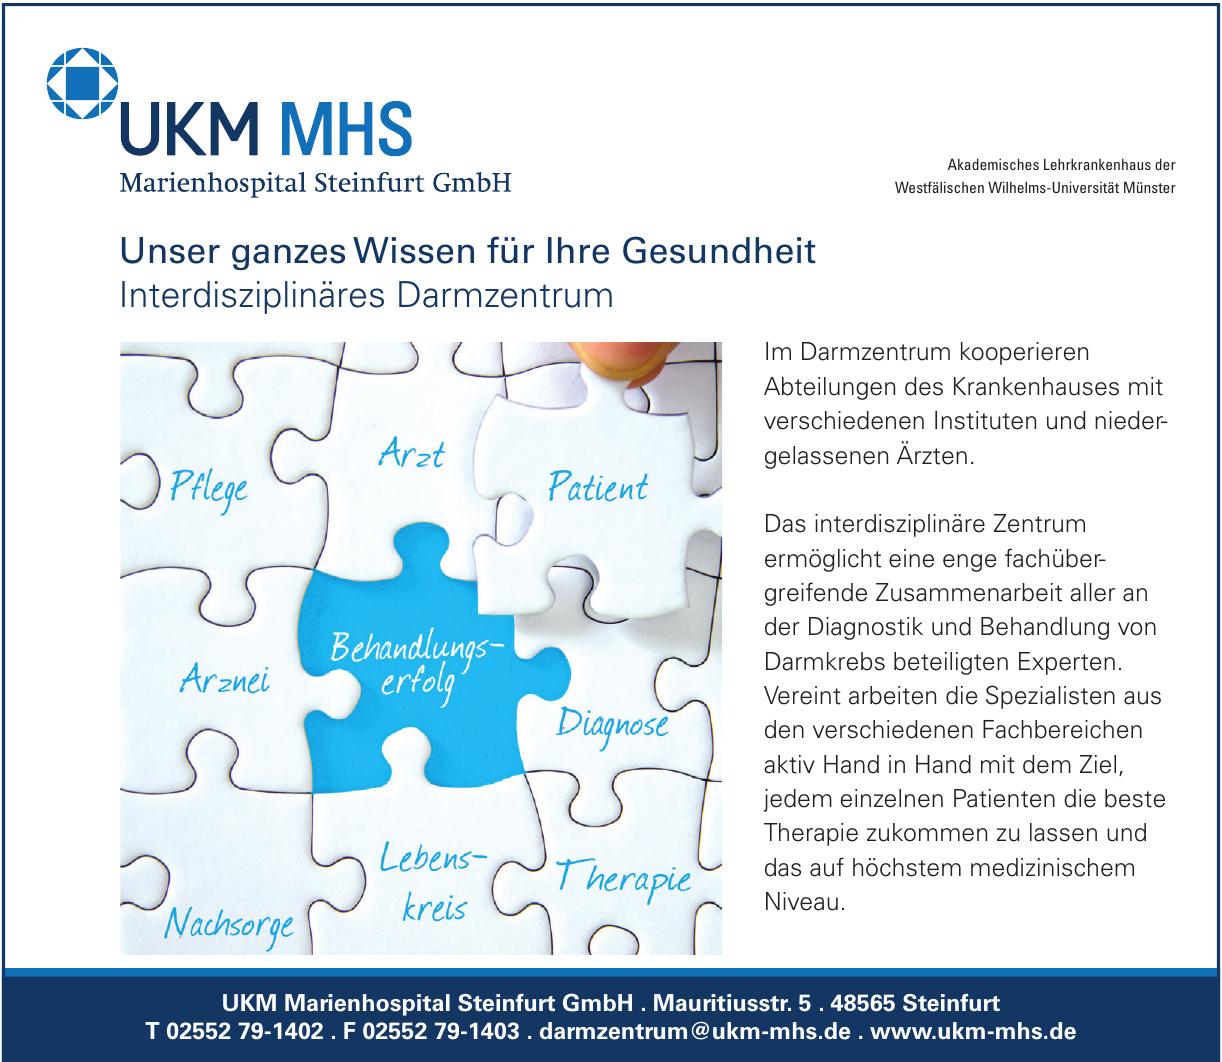 UKM Marienhospital Steinfurt GmbH